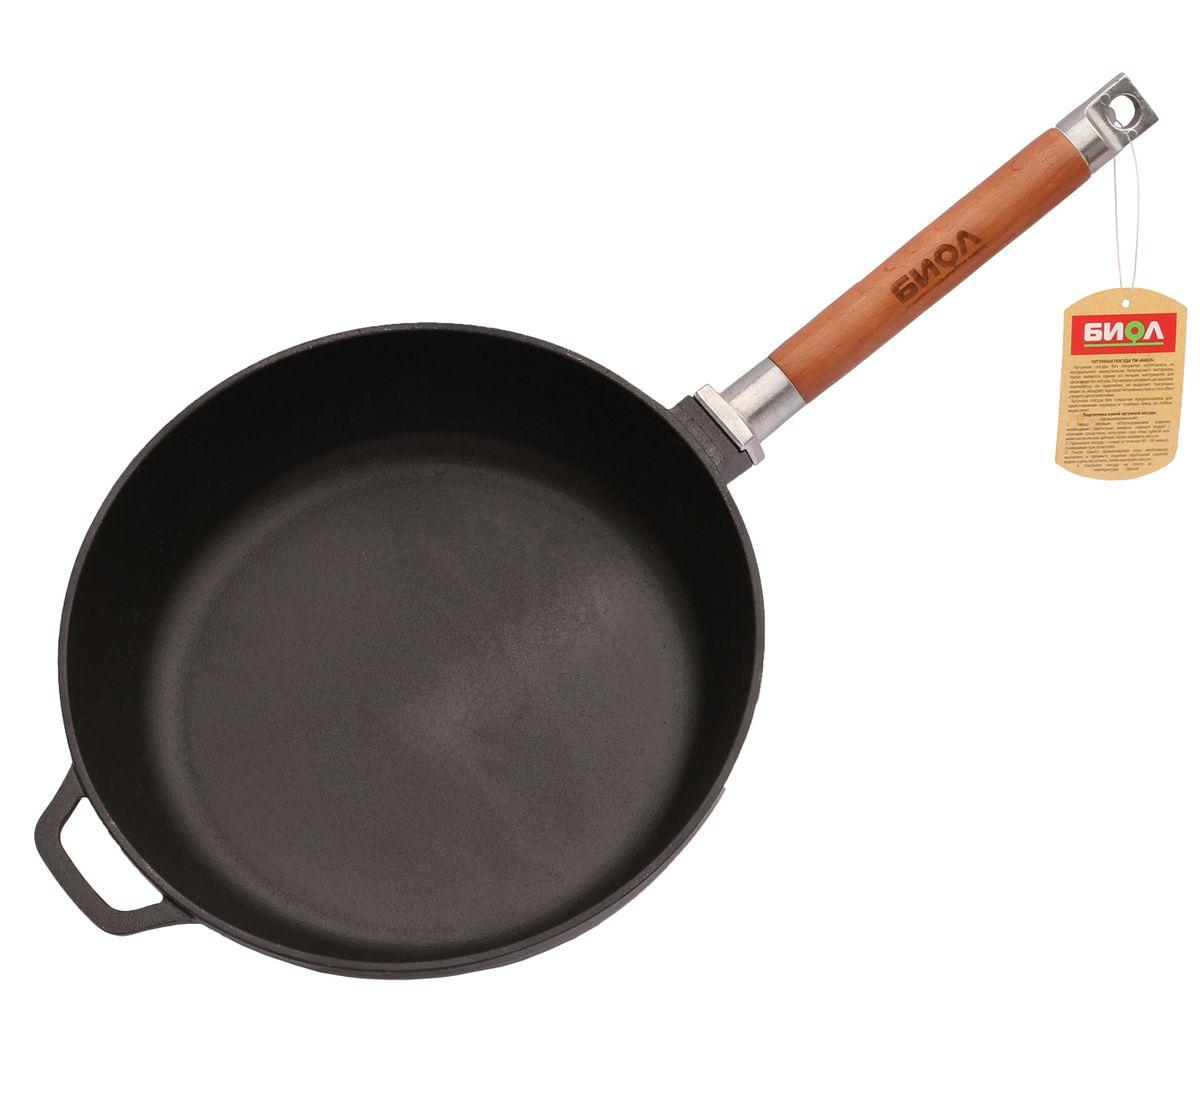 Сковорода чугунная Биол, со съемной ручкой. Диаметр 26 см0326Сковорода Биол изготовлена из натурального экологически безопасного чугуна. Чугун является одним из лучших материалов для производства посуды. Сковороду можно нагревать до высоких температур, она практична, не выделяет токсичных веществ, обладает высокой теплоемкостью и способна служить десятилетиями.Сковорода оснащена съемной деревянной ручкой. При помощи вращательного движения ручка снимается и прикручивается.Подходит для всех типов плит, включая индукционные. Нельзя мыть в посудомоечной машине. Диаметр сковороды по верхнему краю: 26 см. Высота стенки: 6,5 см. Длина ручки: 21 см. Уважаемые клиенты! Для сохранения свойств посуды из чугуна и предотвращения появления ржавчины чугунную посуду мойте только вручную, горячей или теплой водой, мягкой губкой или щёткой (не металлической) и обязательно вытирайте насухо. Для хранения смазывайте внутреннюю поверхность посуды растительным маслом, а перед следующим применением хорошо накалите посуду.